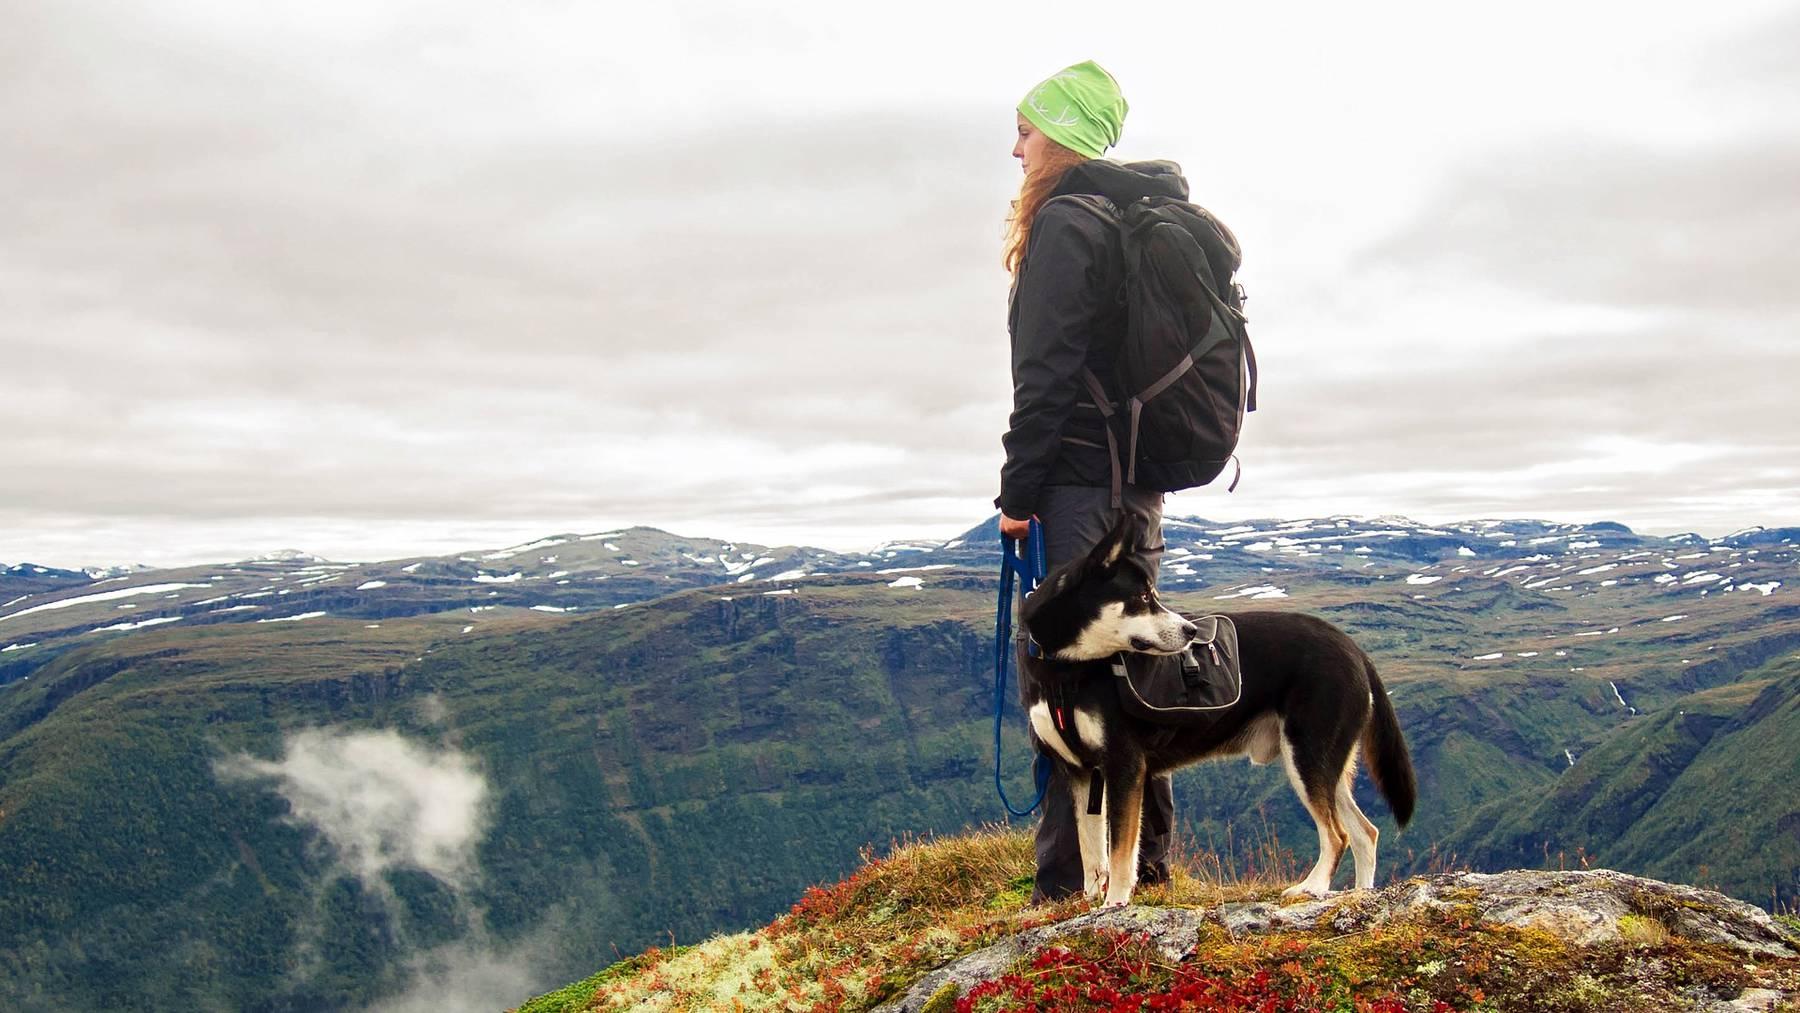 Trifft man beim Wandern auf Tiere, muss man gewisse Dinge beachten.